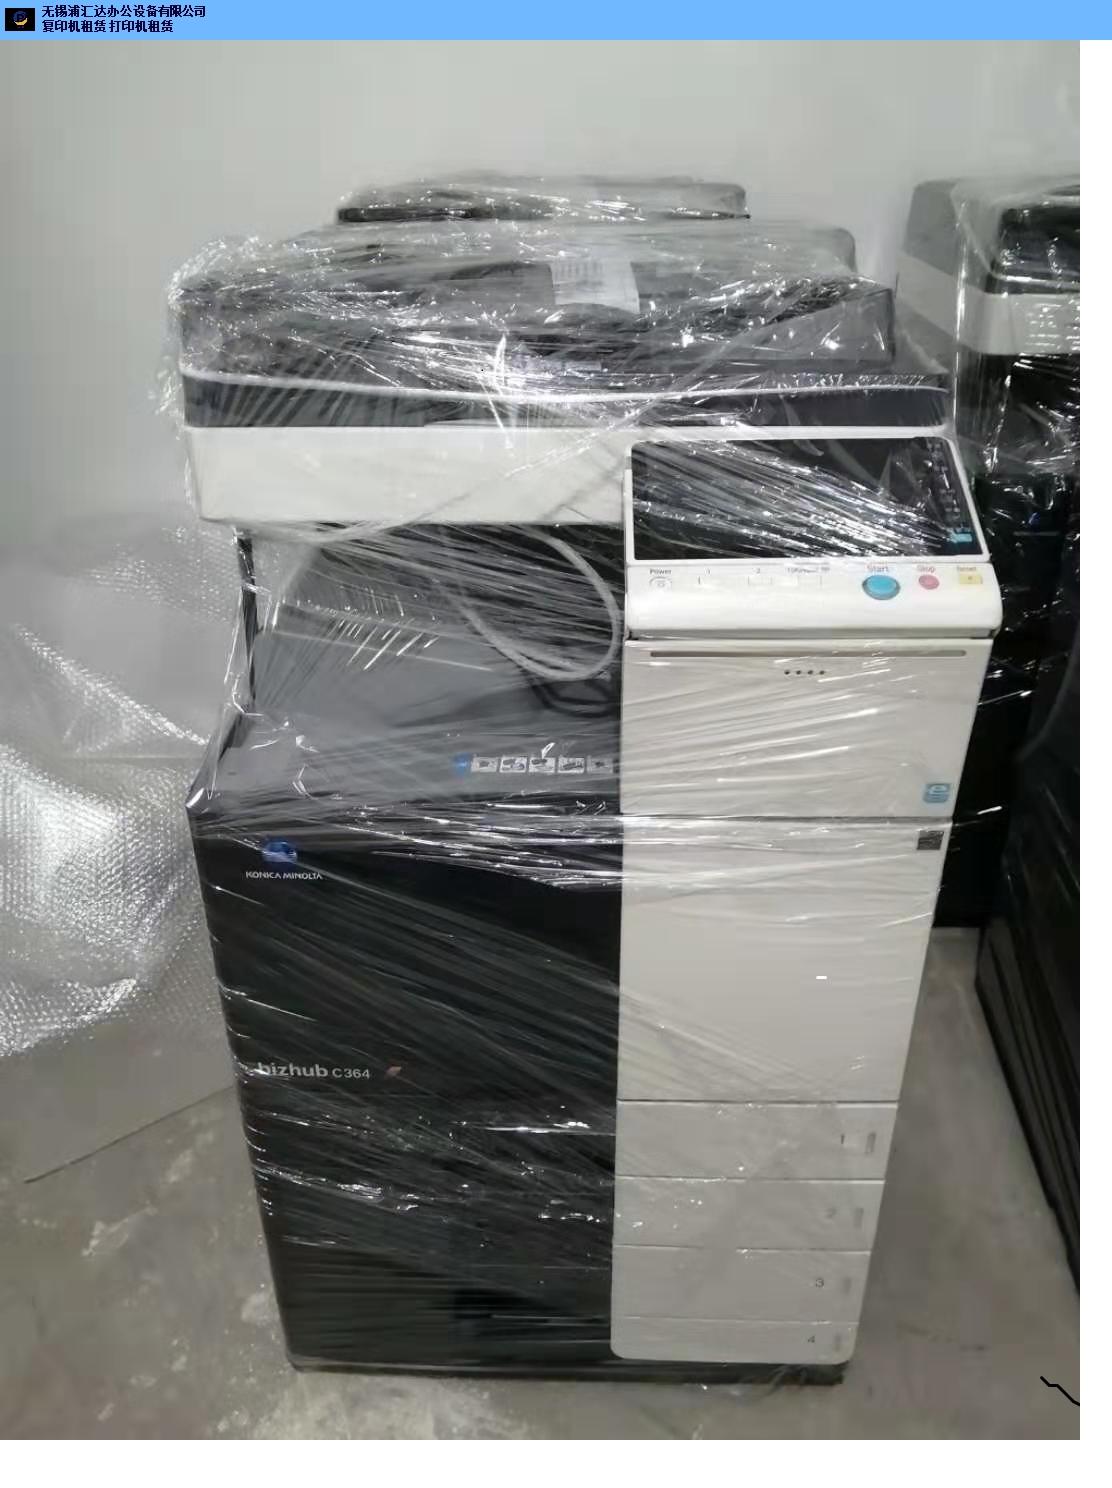 雪浪街道佳能出租打印机哪家好,出租打印机